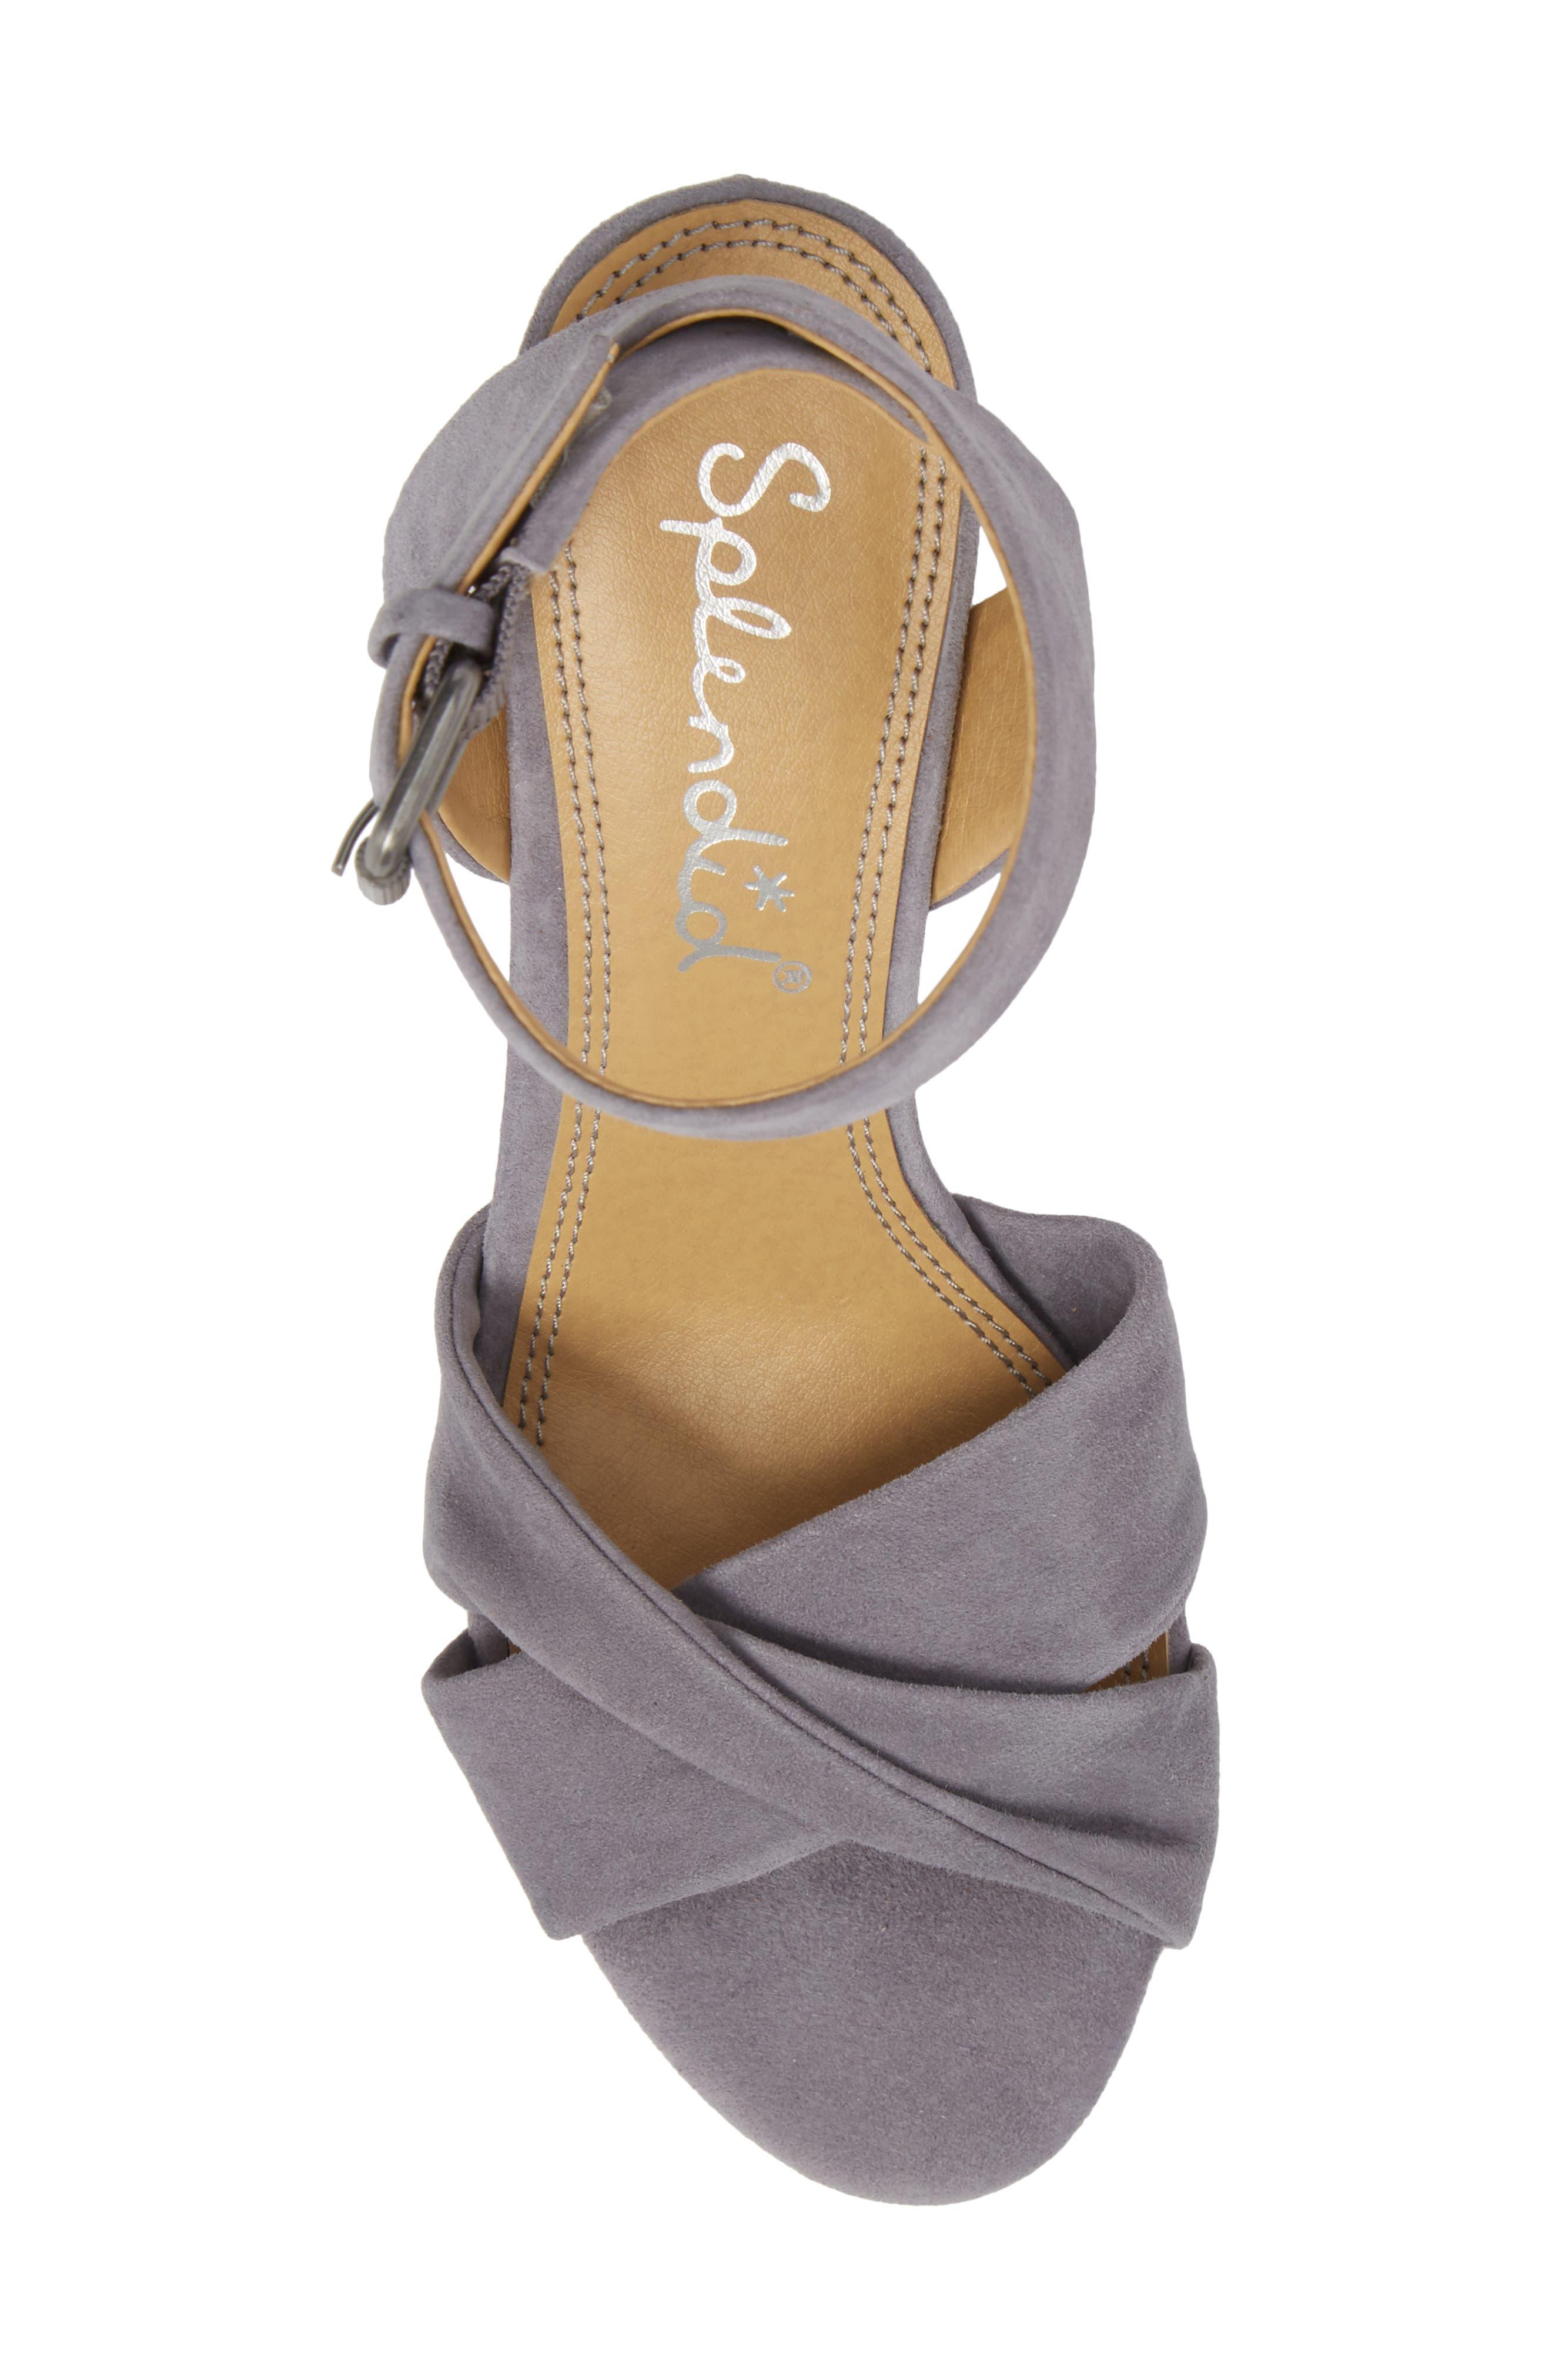 Fairy Block Heel Sandal,                             Alternate thumbnail 5, color,                             STEEL GREY SUEDE